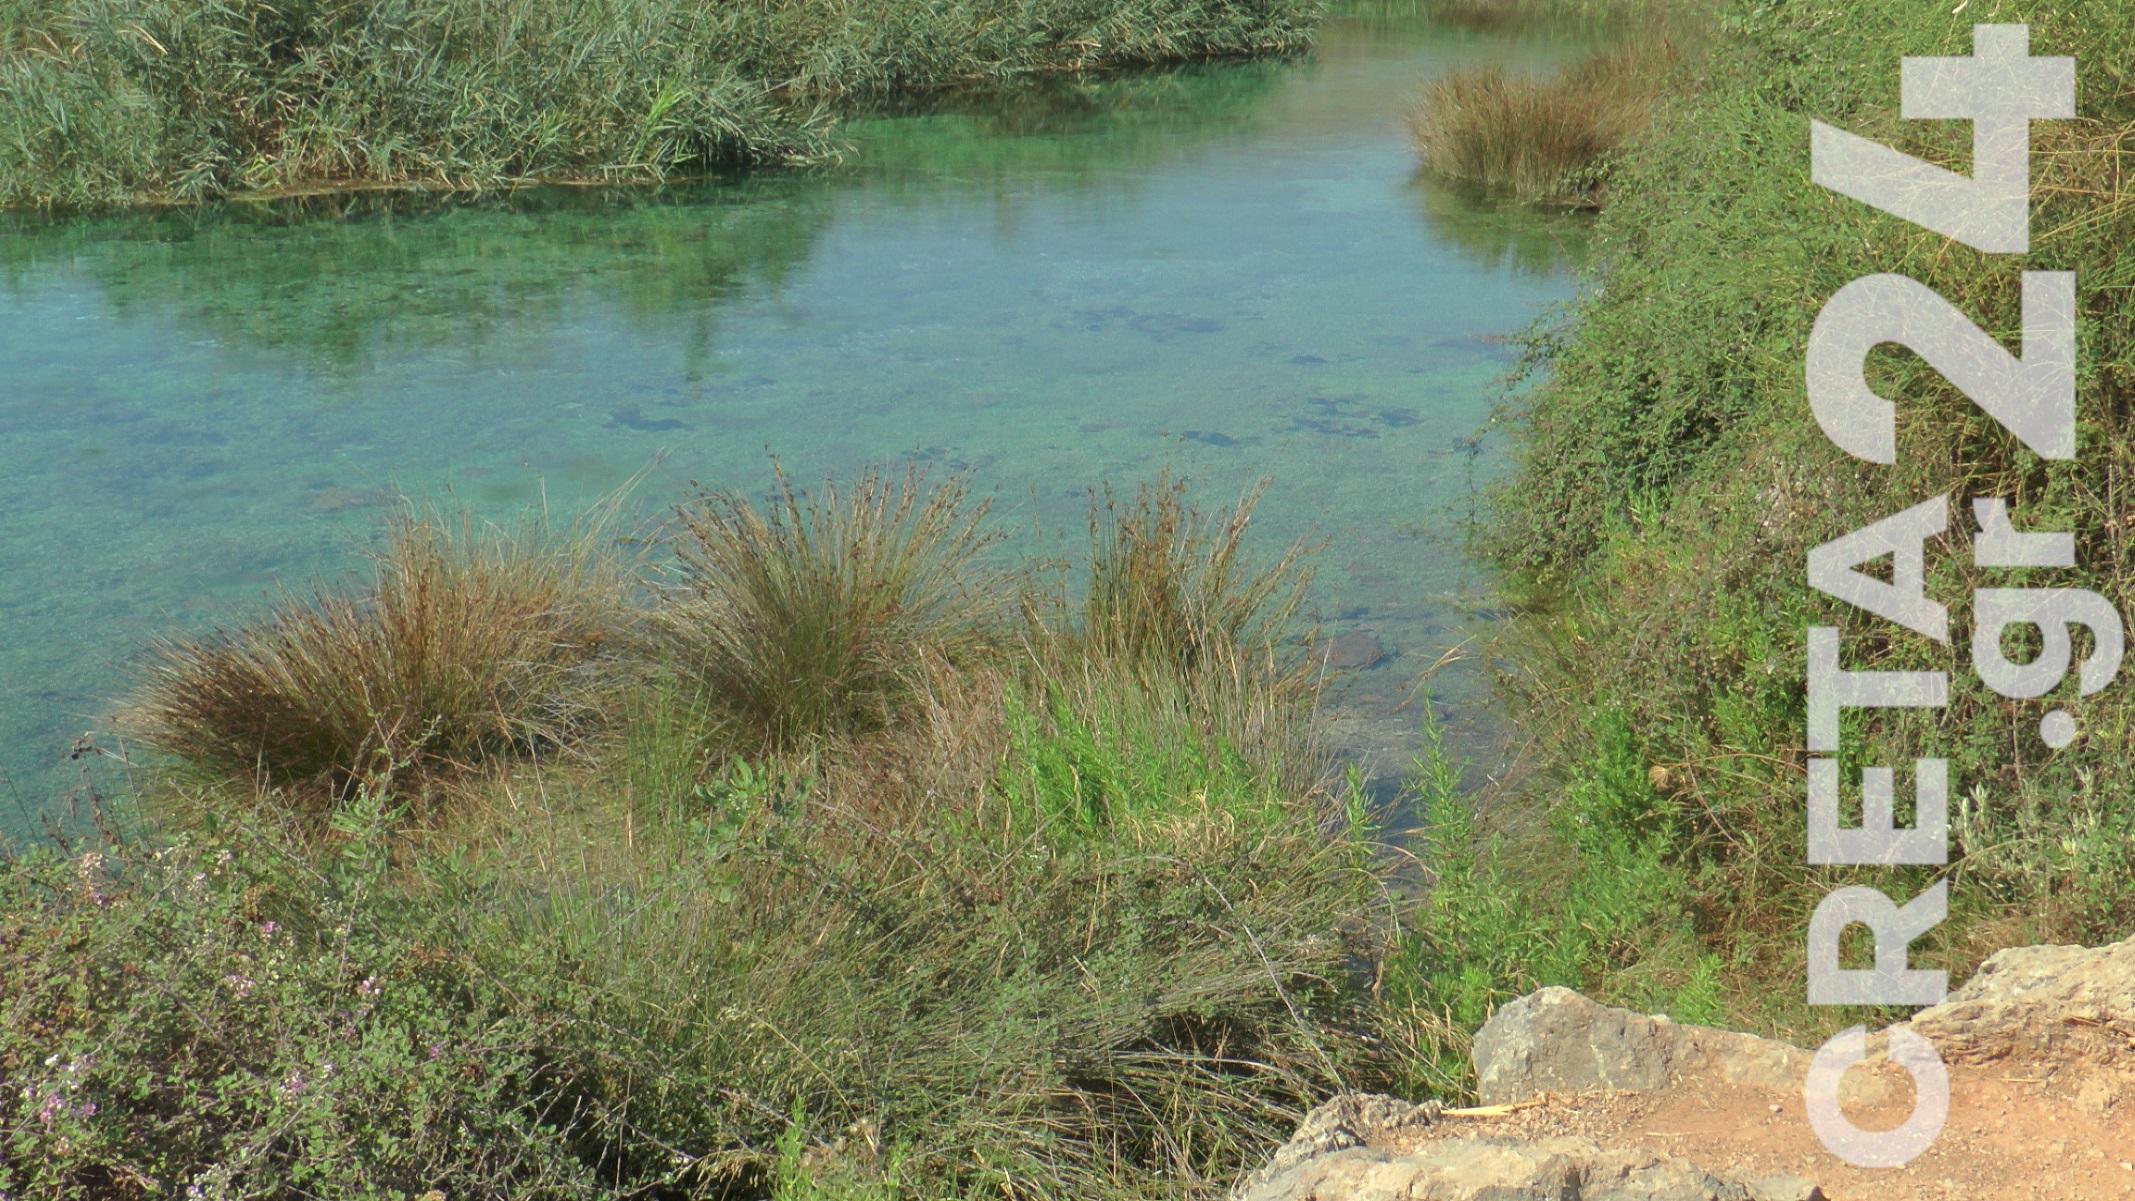 Χανιά: Σε ποτάμι βρέθηκε νεκρός ο 59χρονος τουρίστας που αγνοείτο